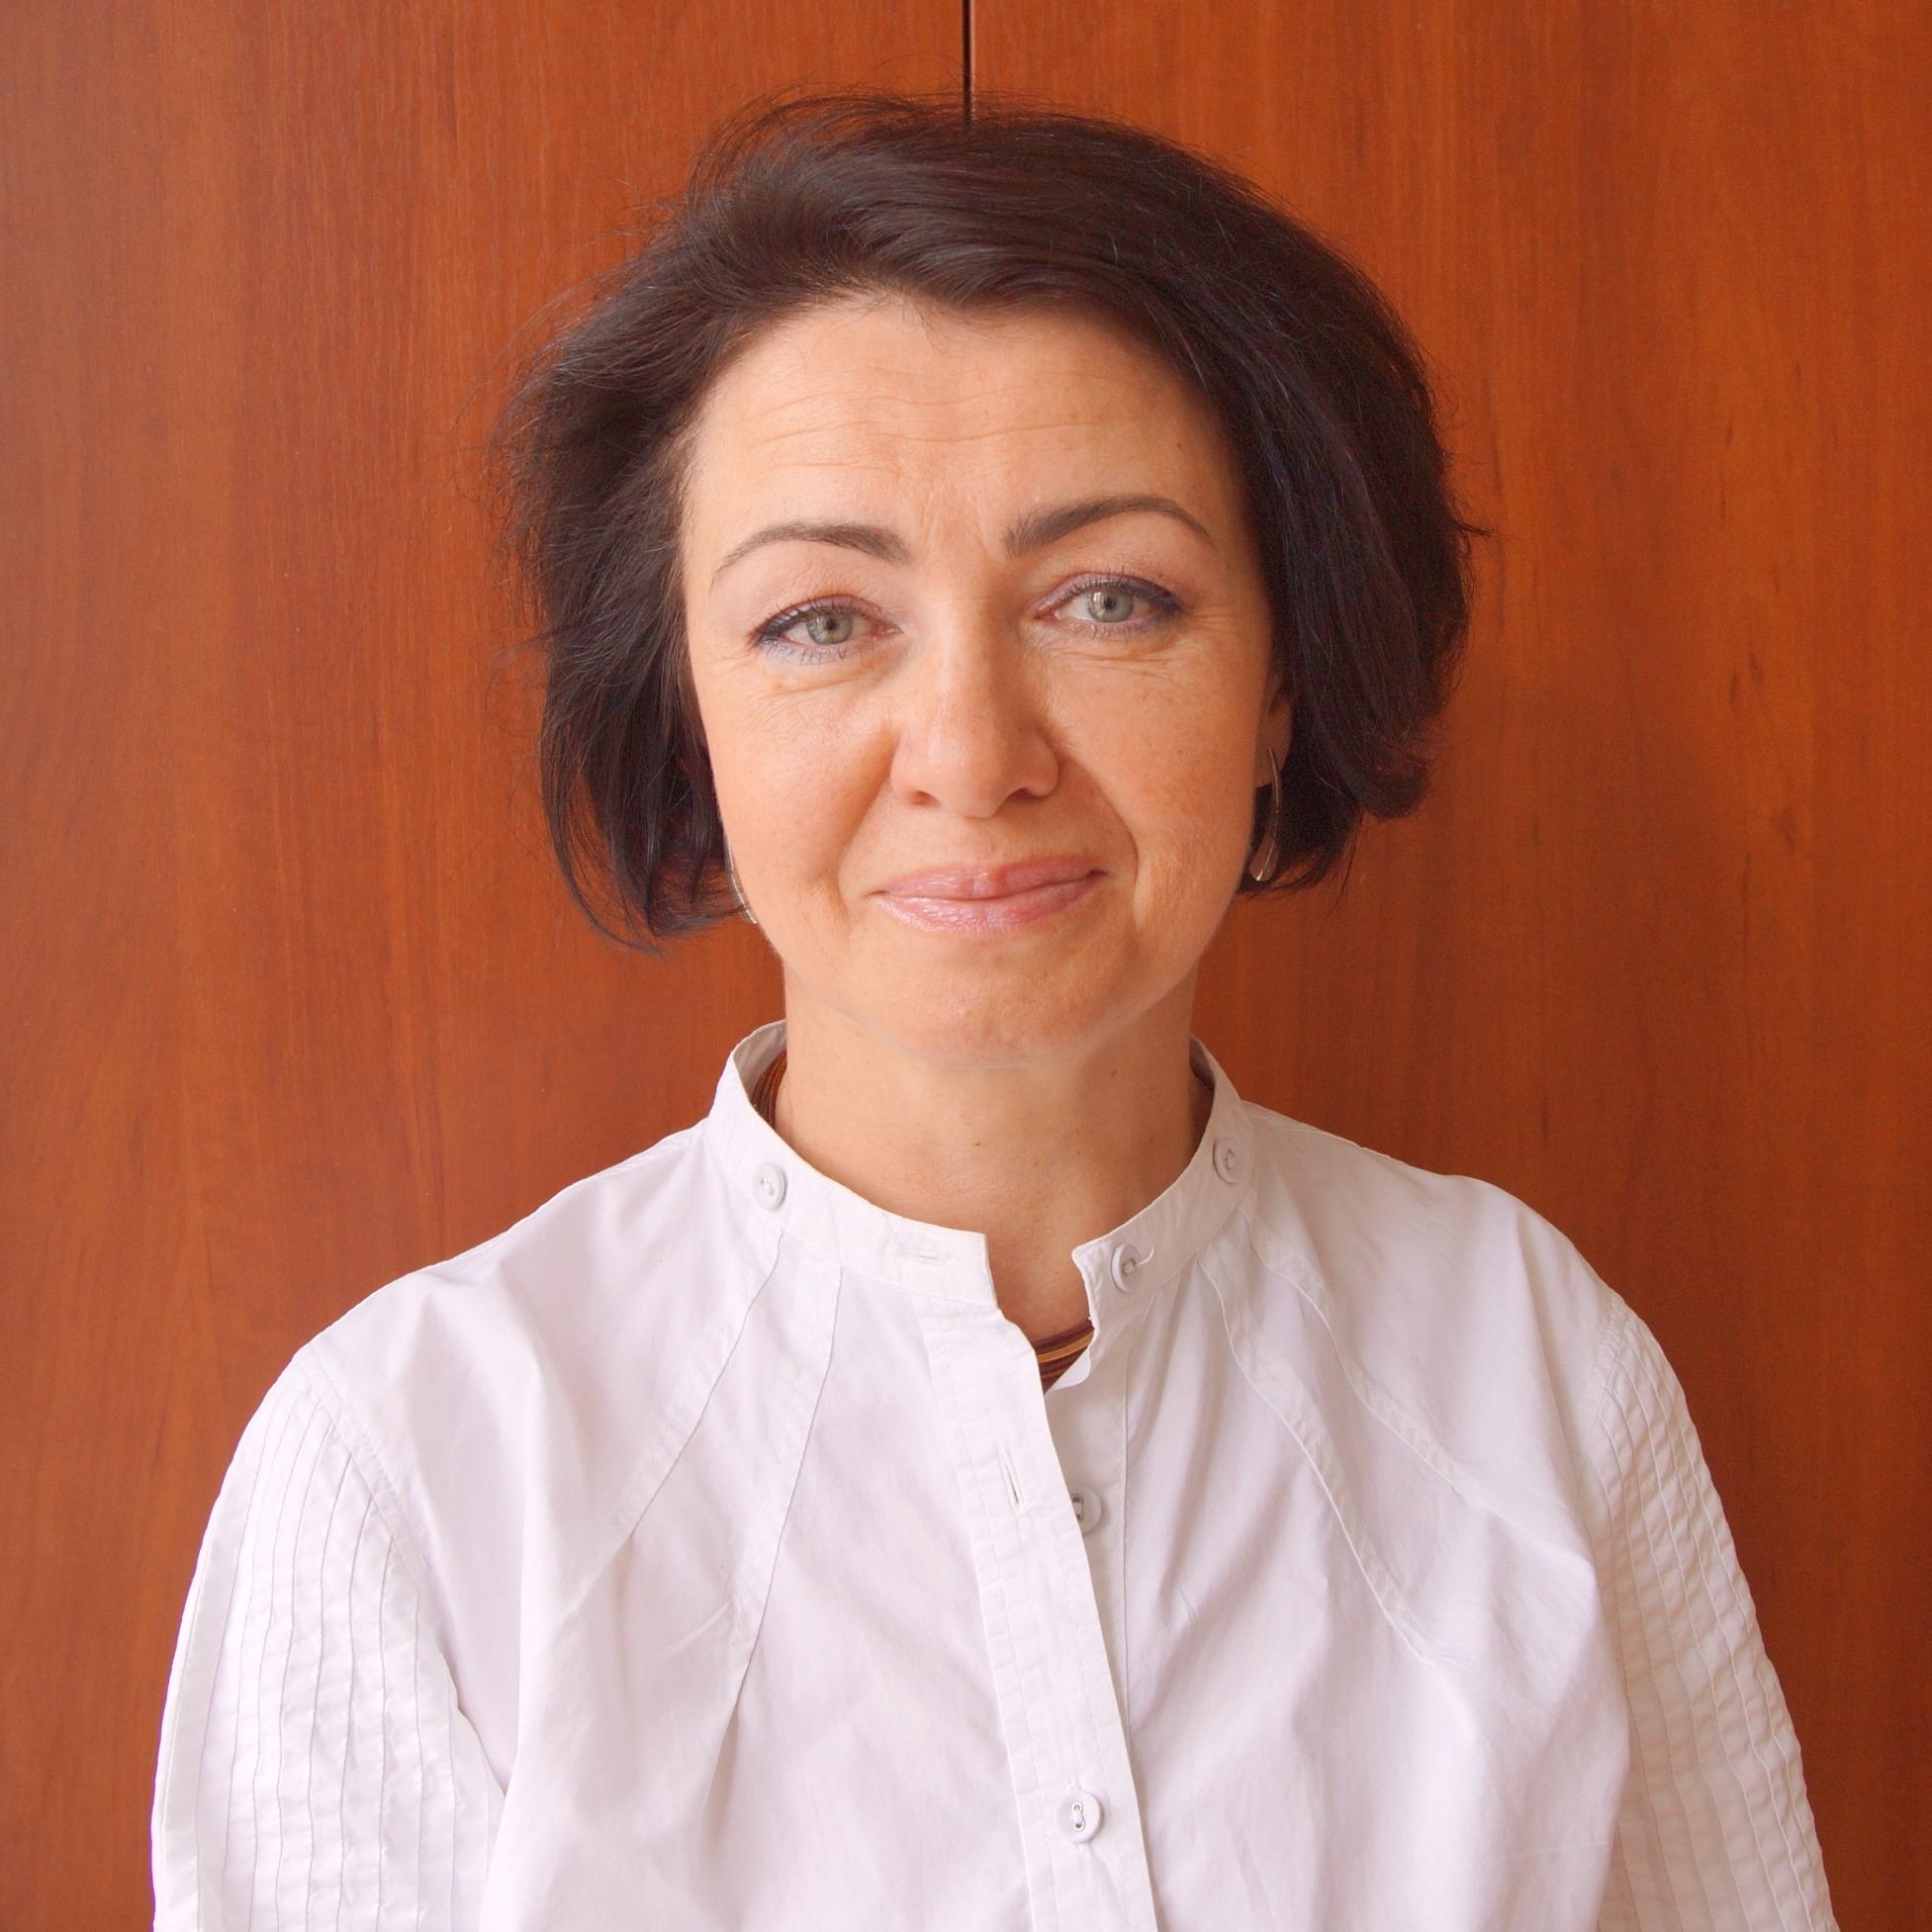 Ирина Шереметьева Анатольевна